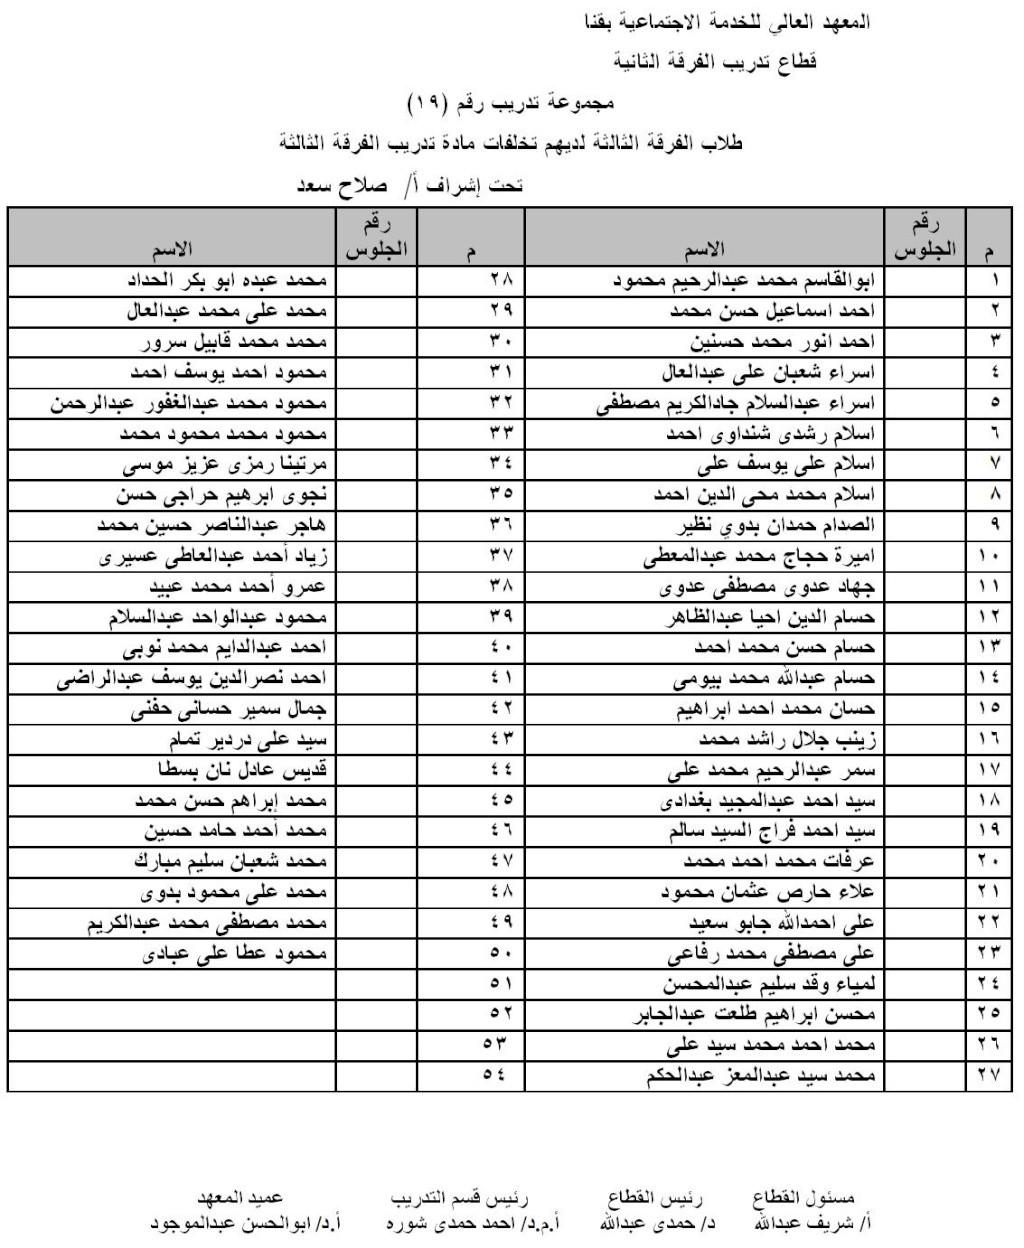 توزيع مجموعات تدريب الفرقة الثانية 2014 - 2015 1910